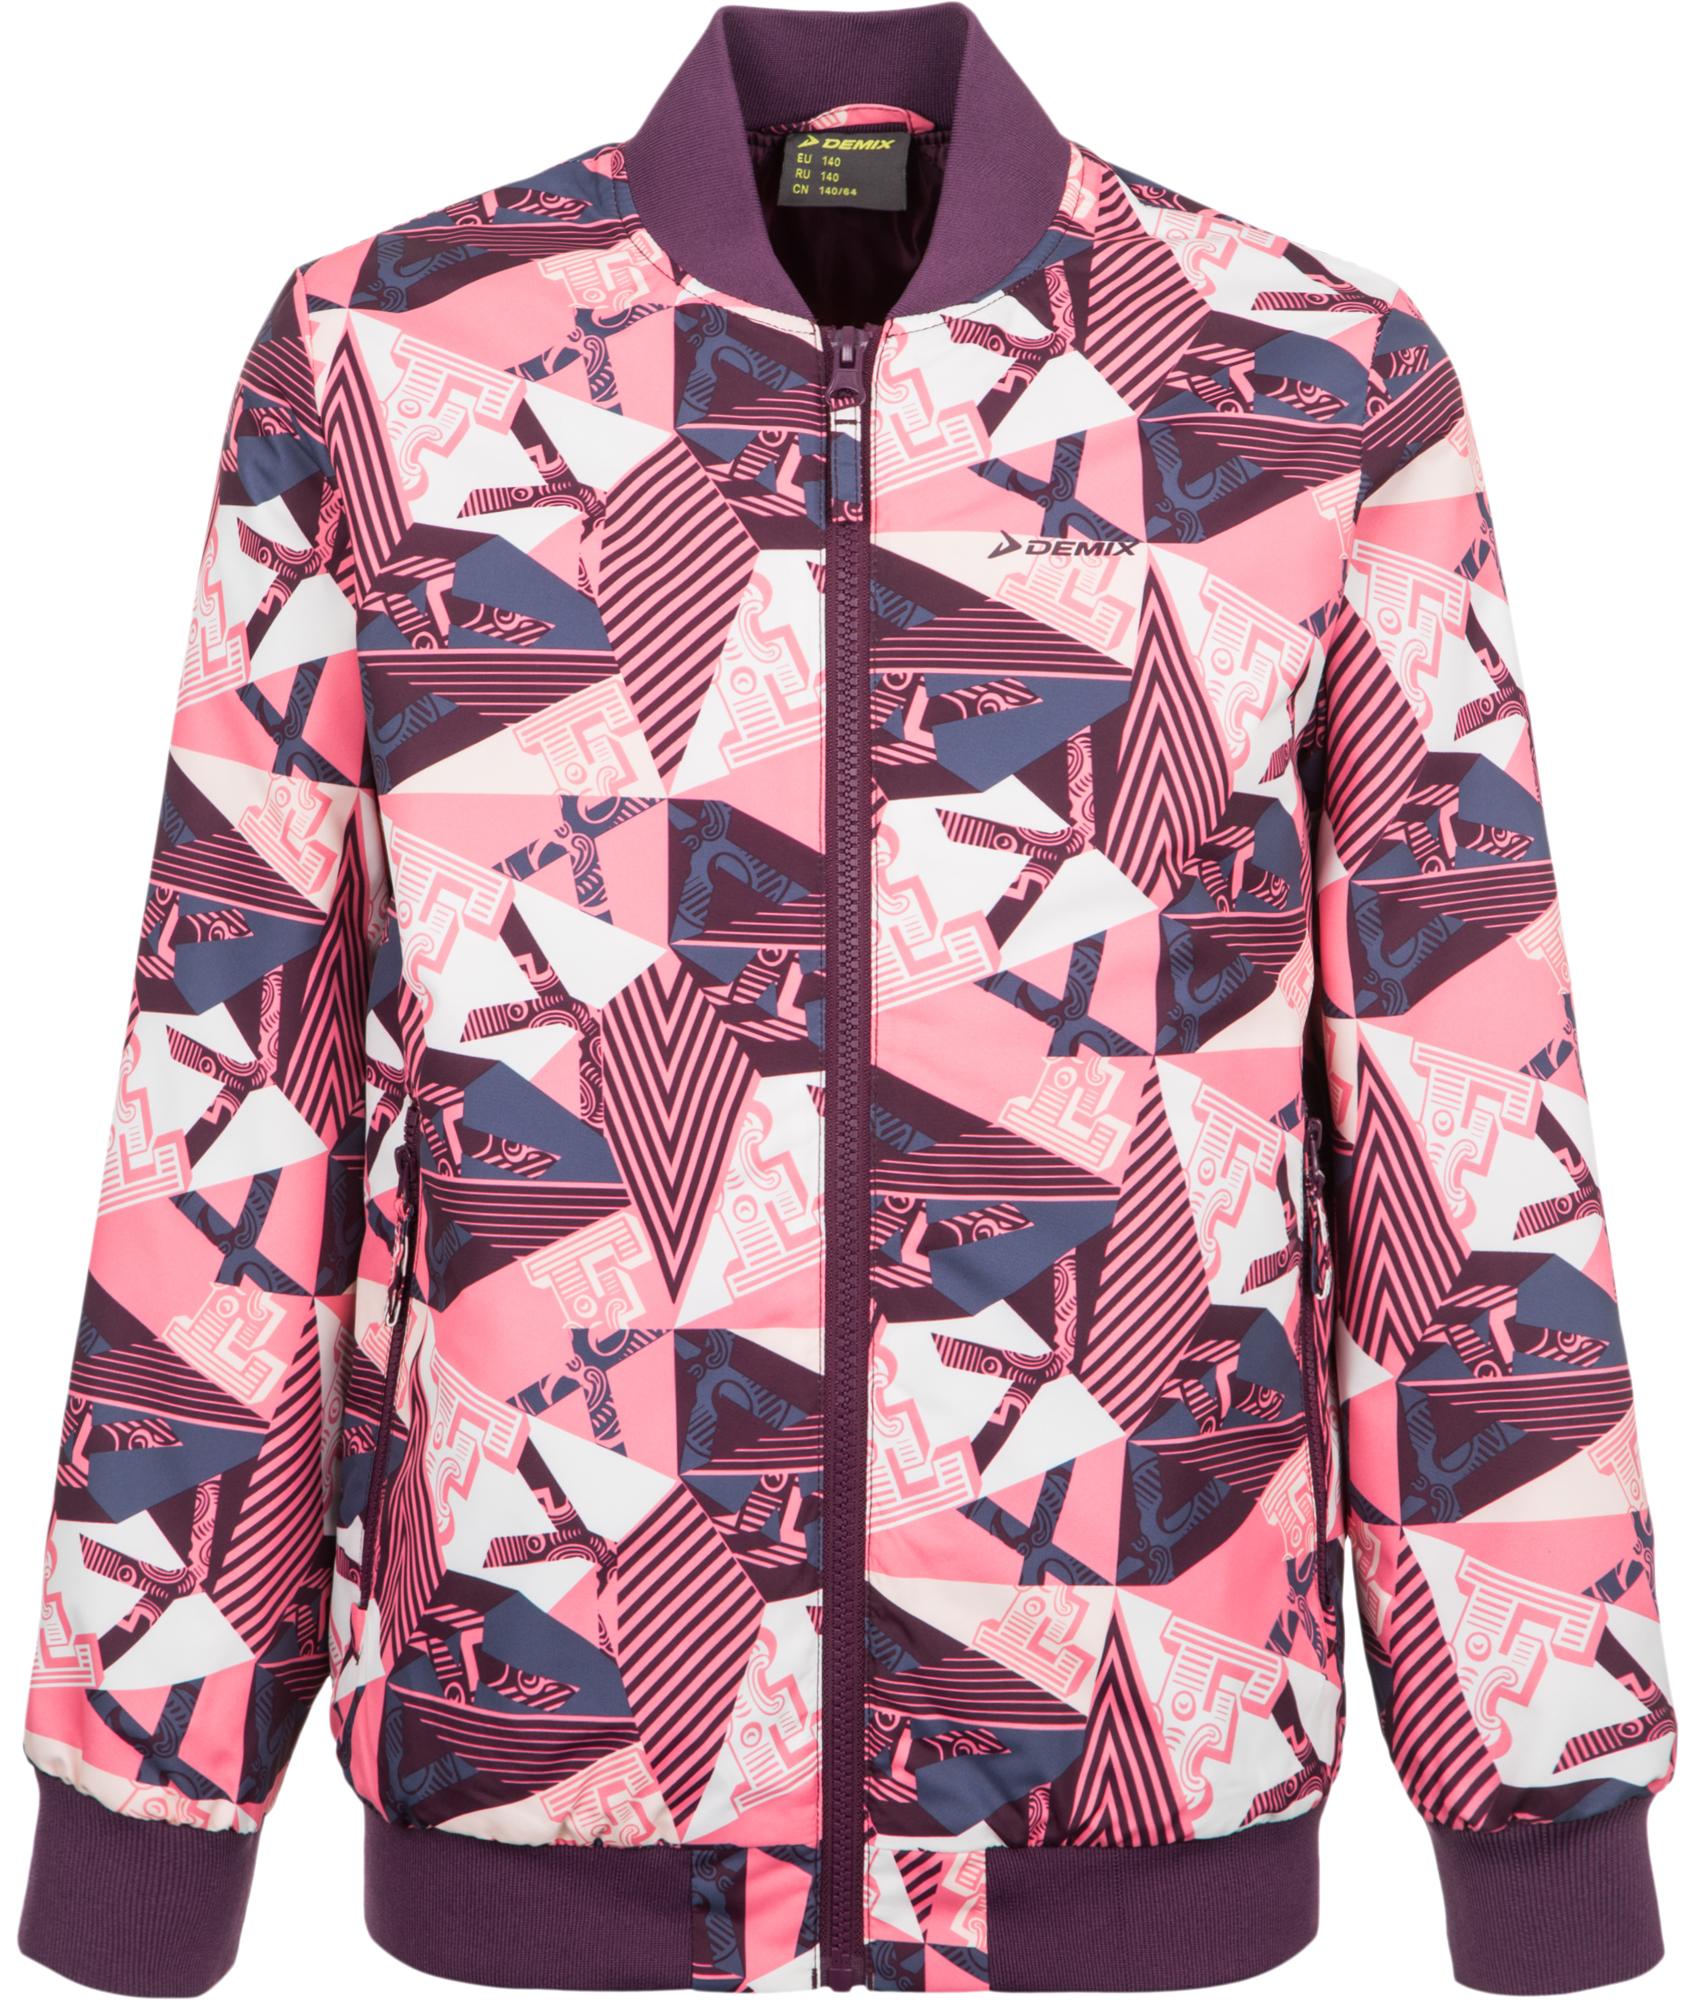 Demix Куртка утепленная для девочек Demix, размер 146